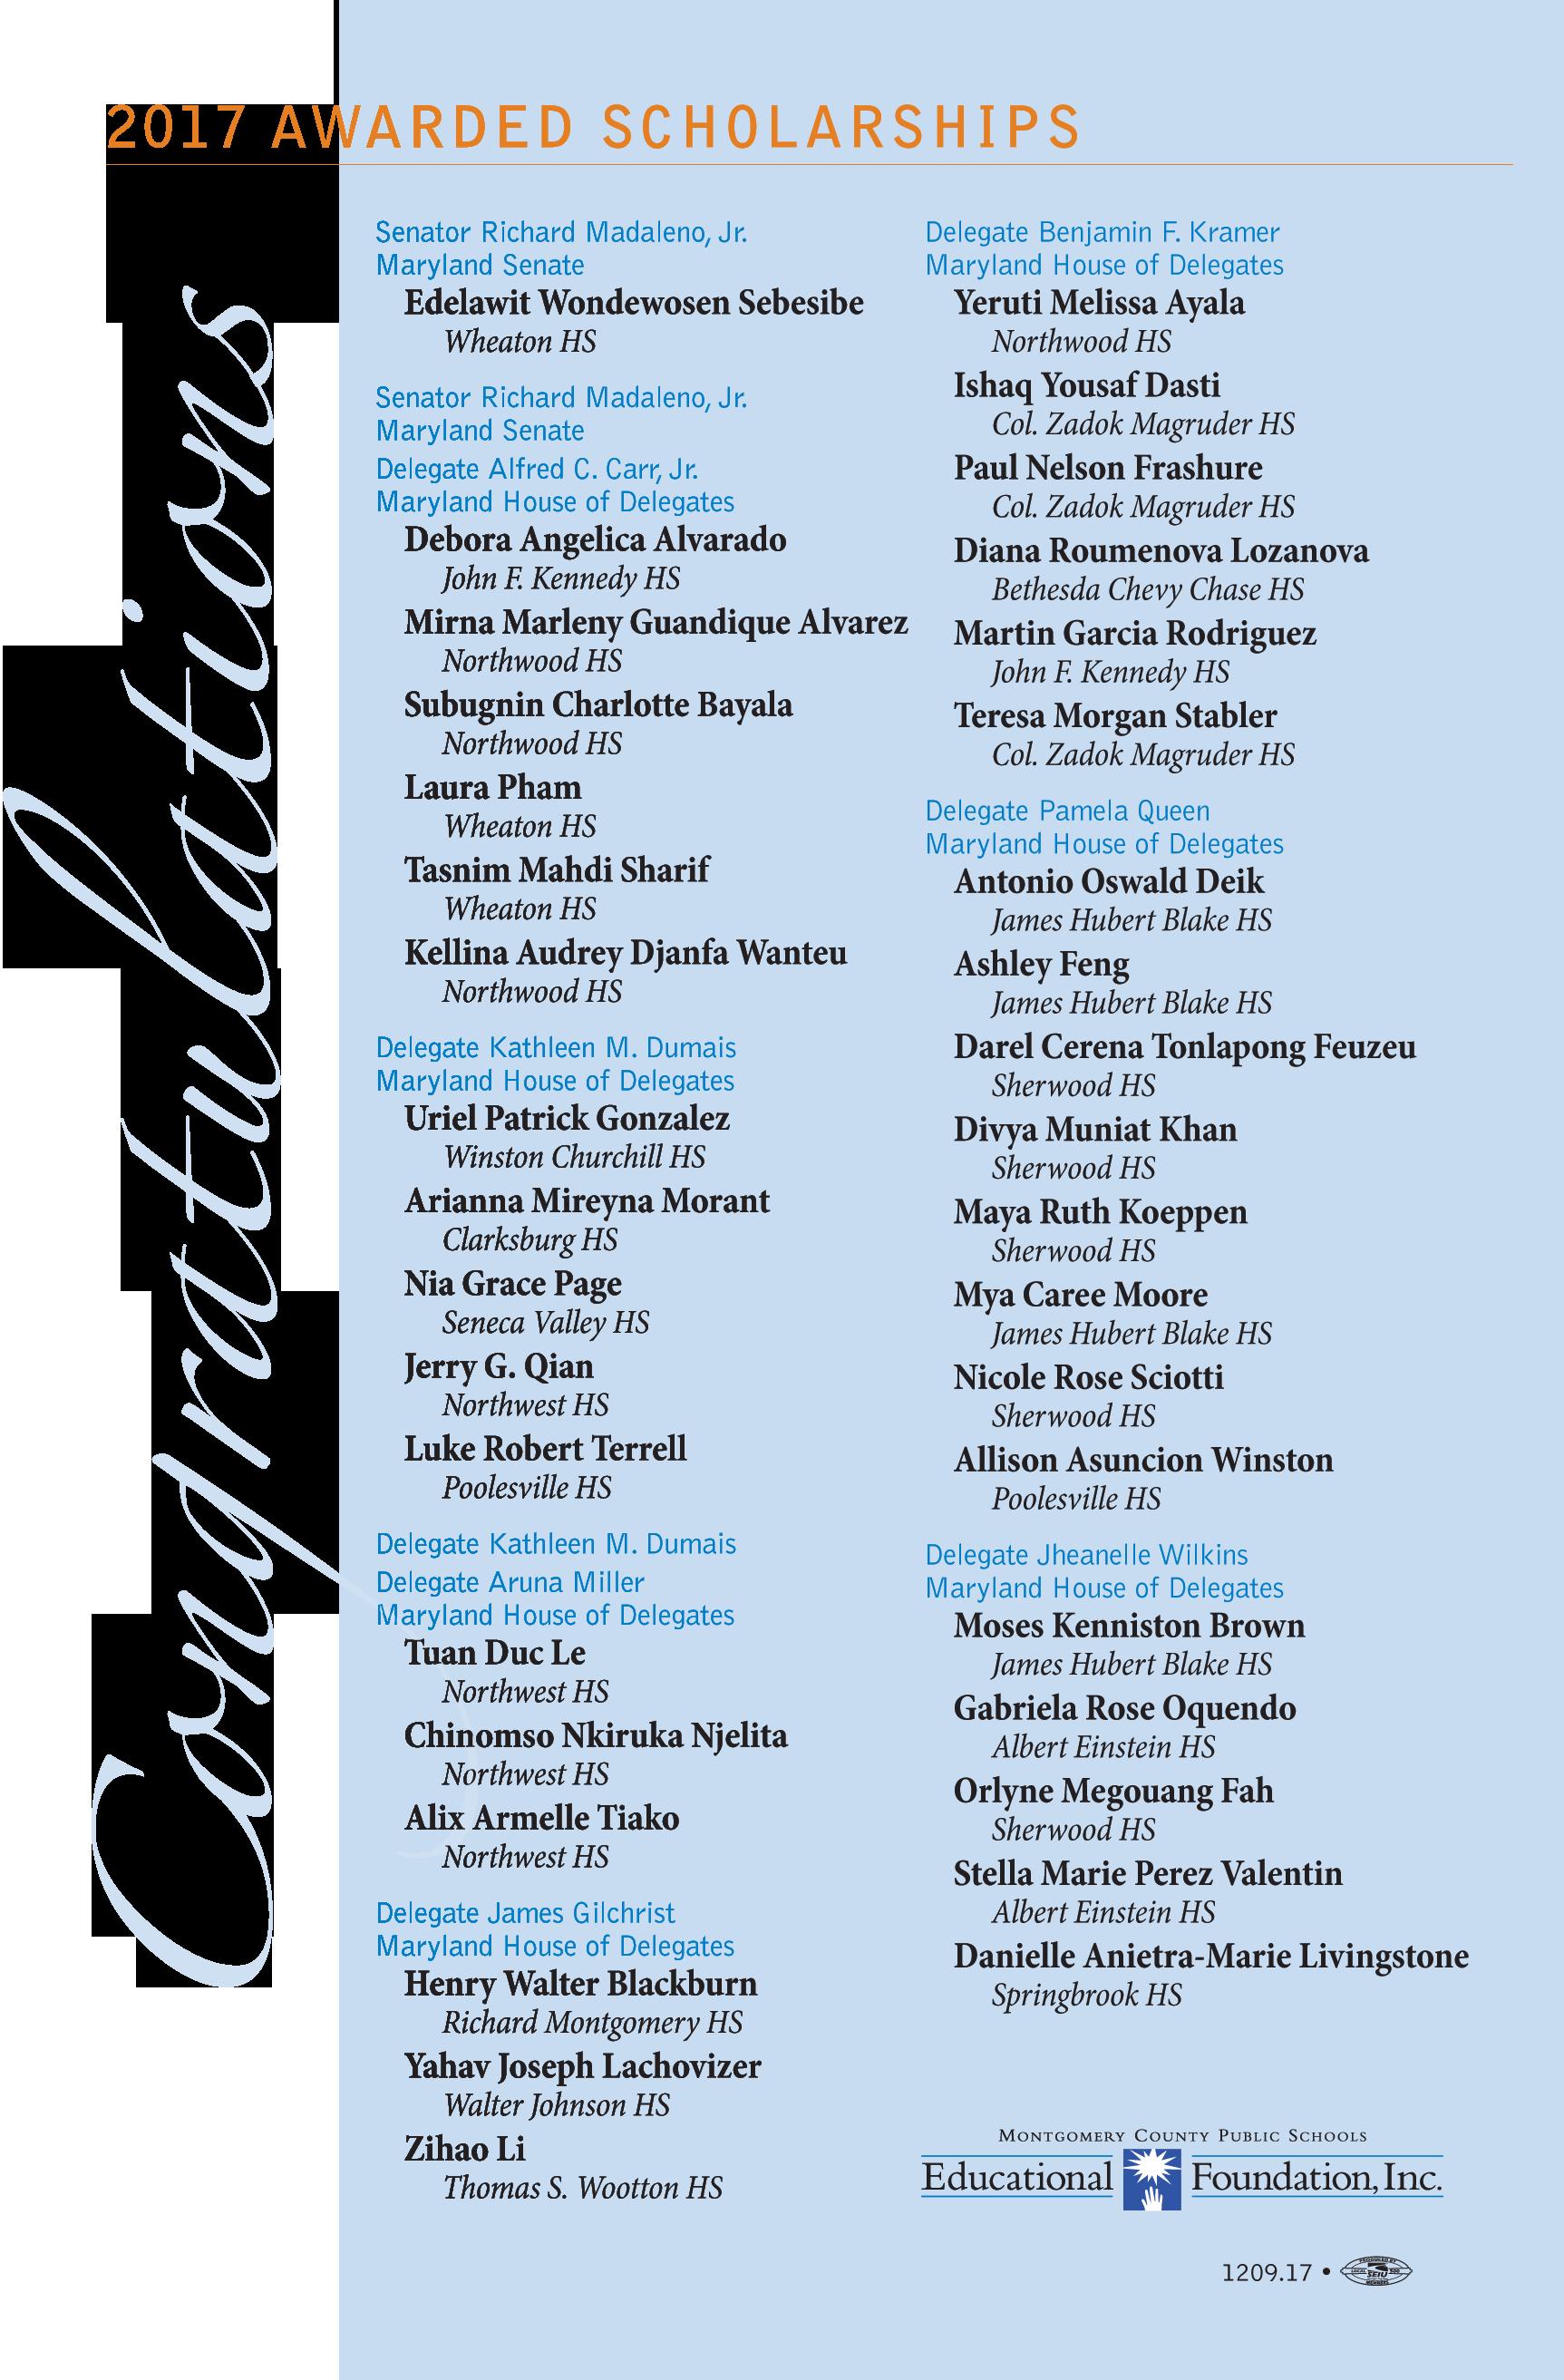 2017 List of Scholars